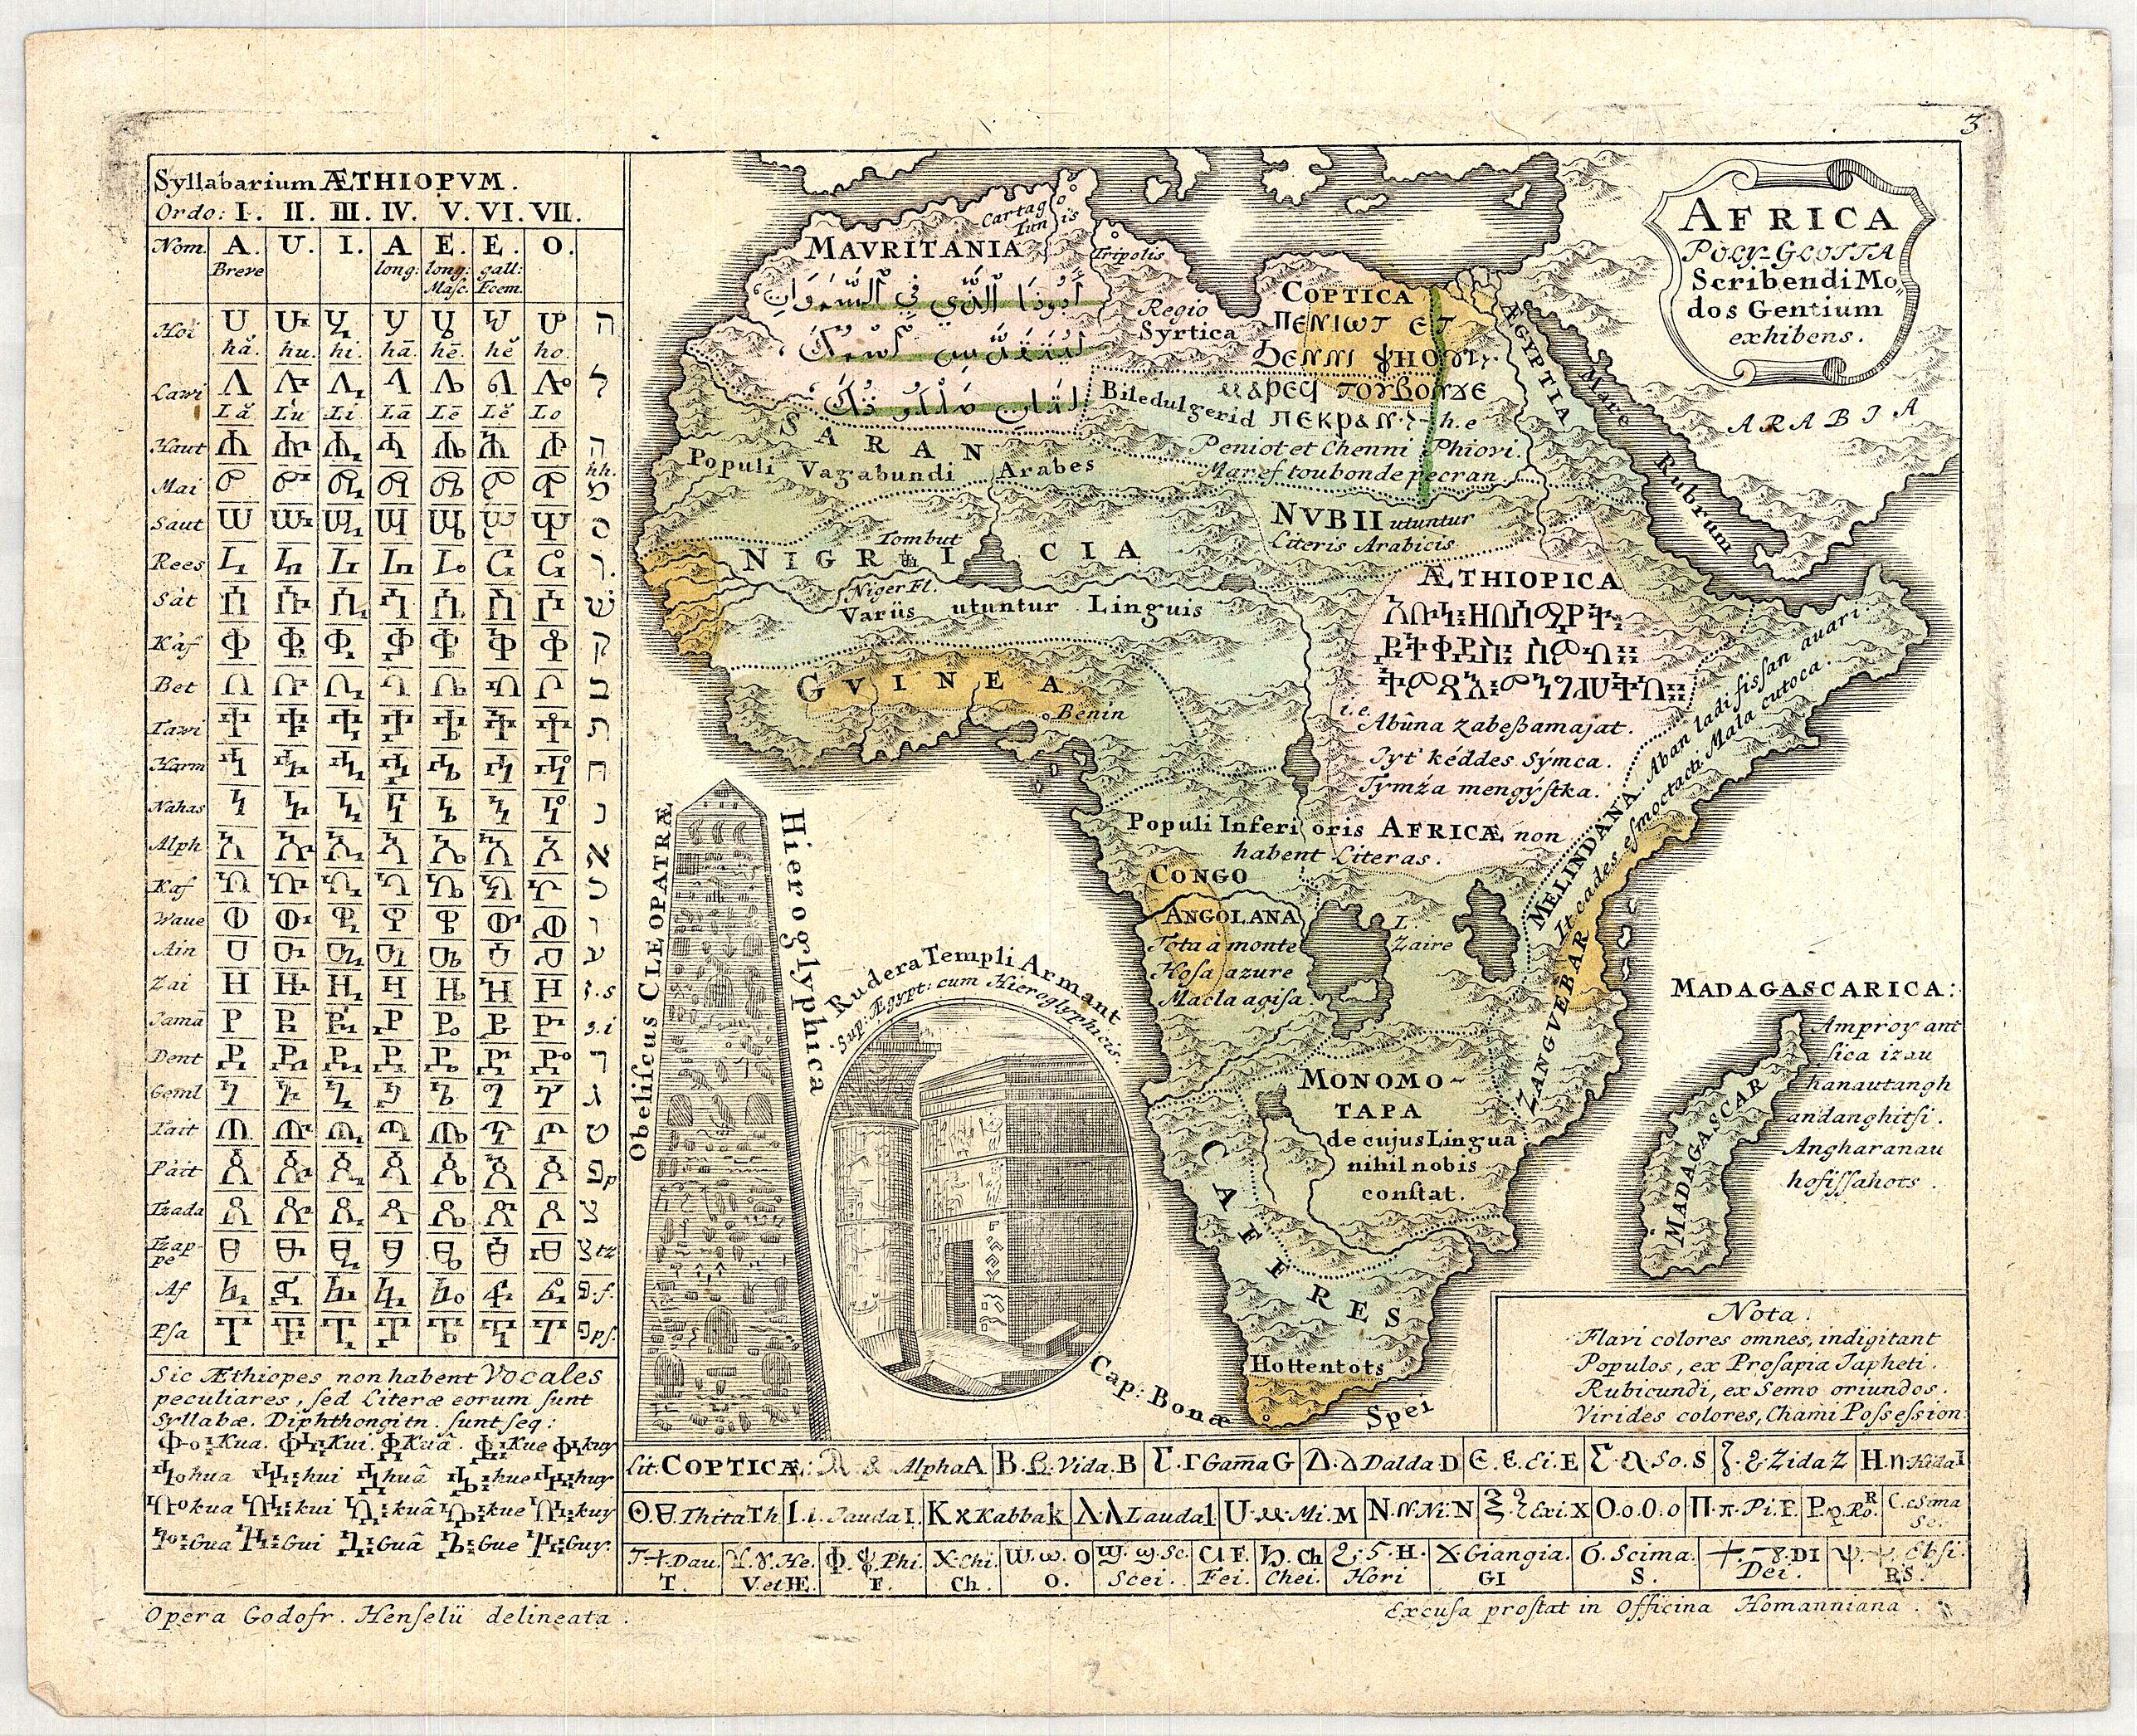 Gottfried Hensel / Homann Heirs, - AFRICA Poly Glotta Scribendi Modos Gentium. . .